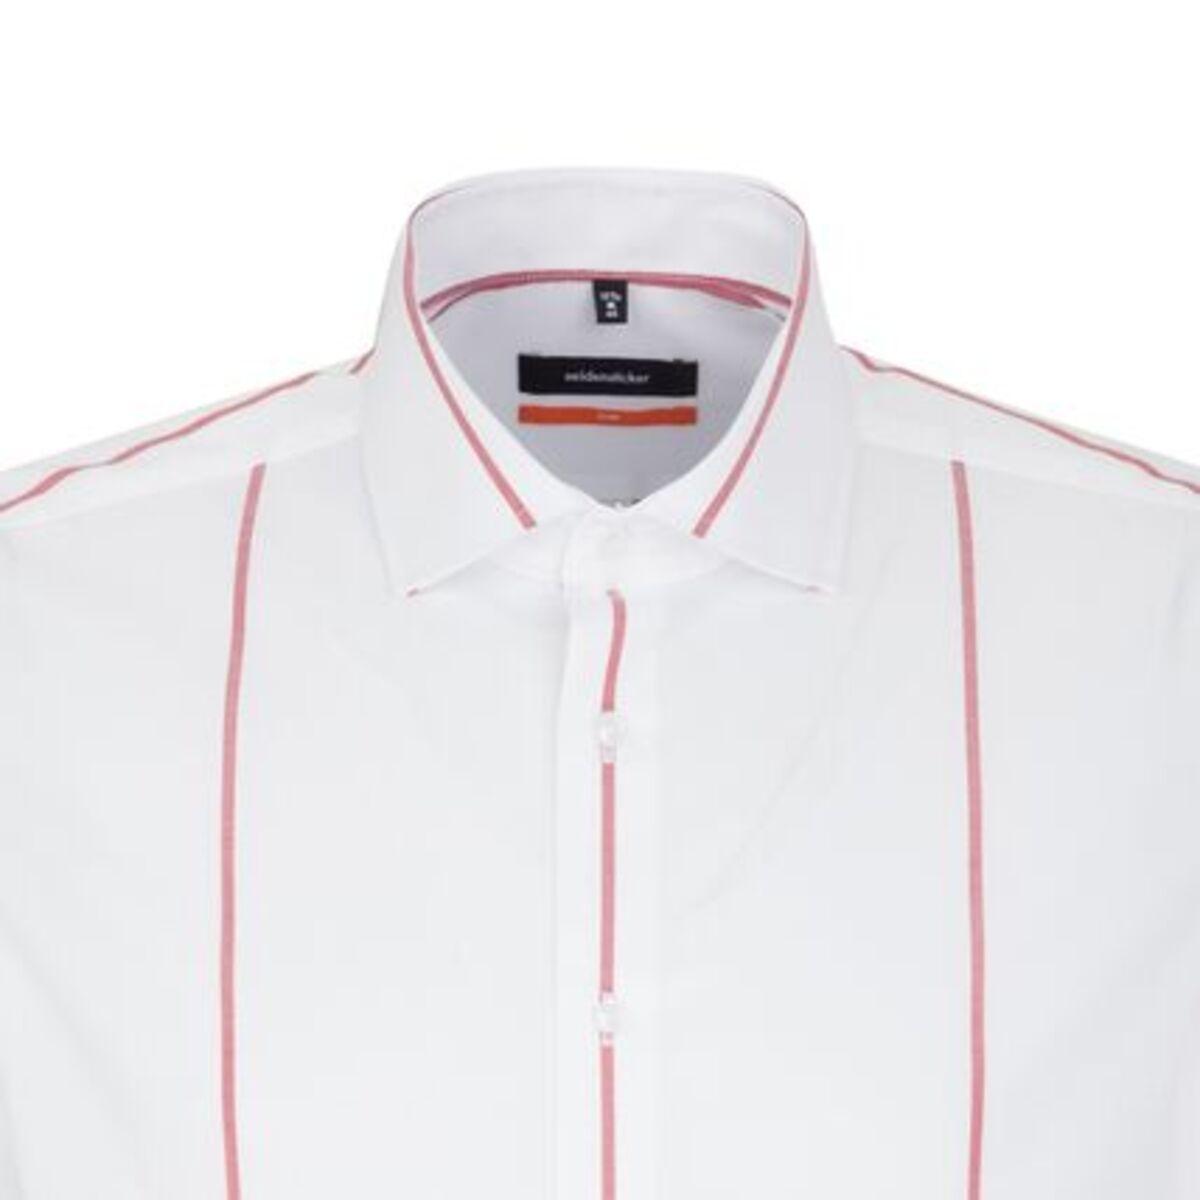 Bild 2 von Seidensticker Business Hemd Slim Langarm Kentkragen Streifen, Rot, rot, 43, 43